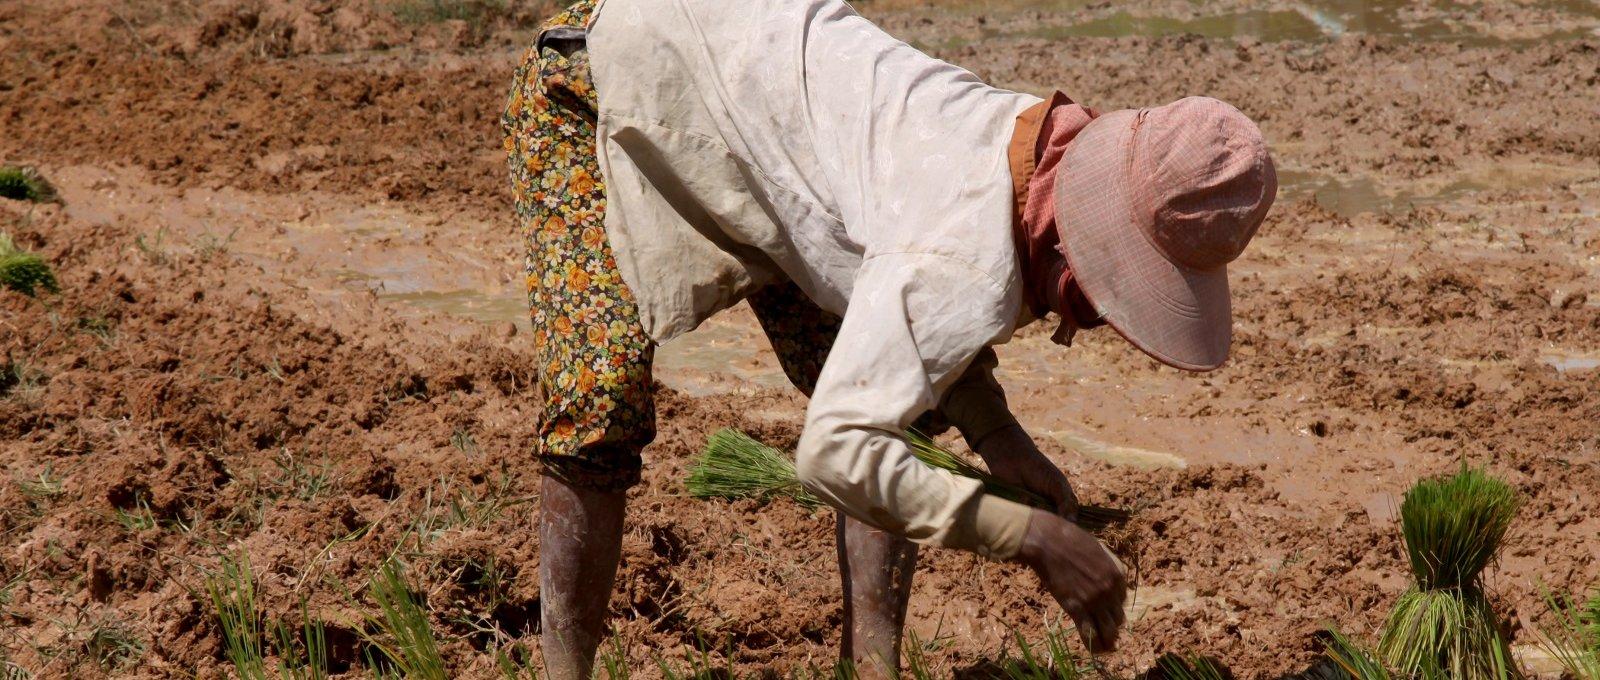 Le « Big data » : allié ou ennemi des petits agriculteurs ?